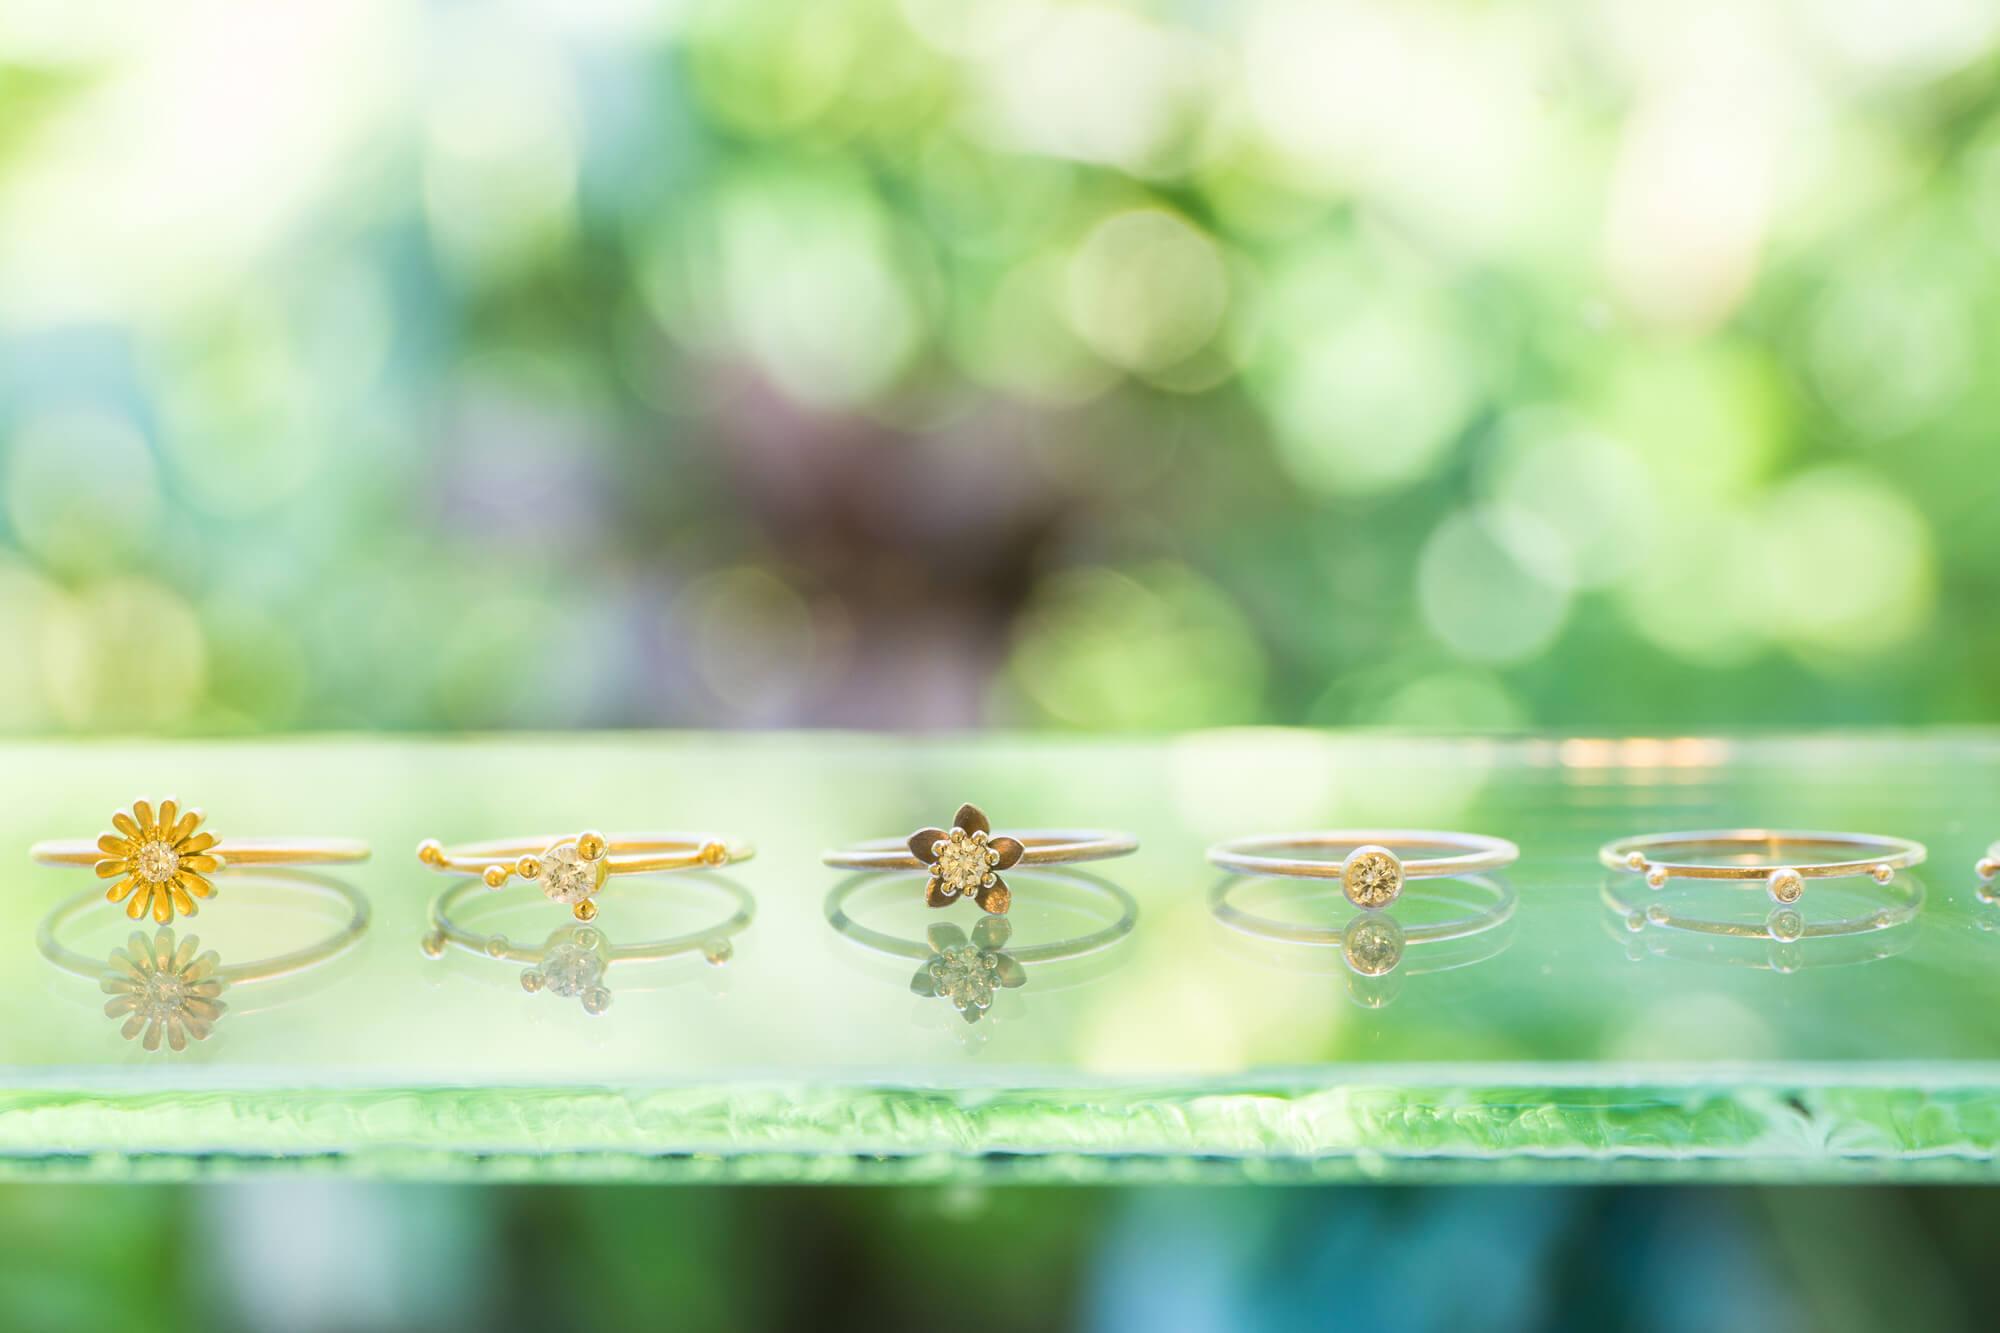 屋久島しずくギャラリー ジュエリーのディスプレイ 婚約指輪 ゴールド、プラチナ、ダイヤモンド オーダメイドジュエリーの販売 屋久島でつくる結婚指輪